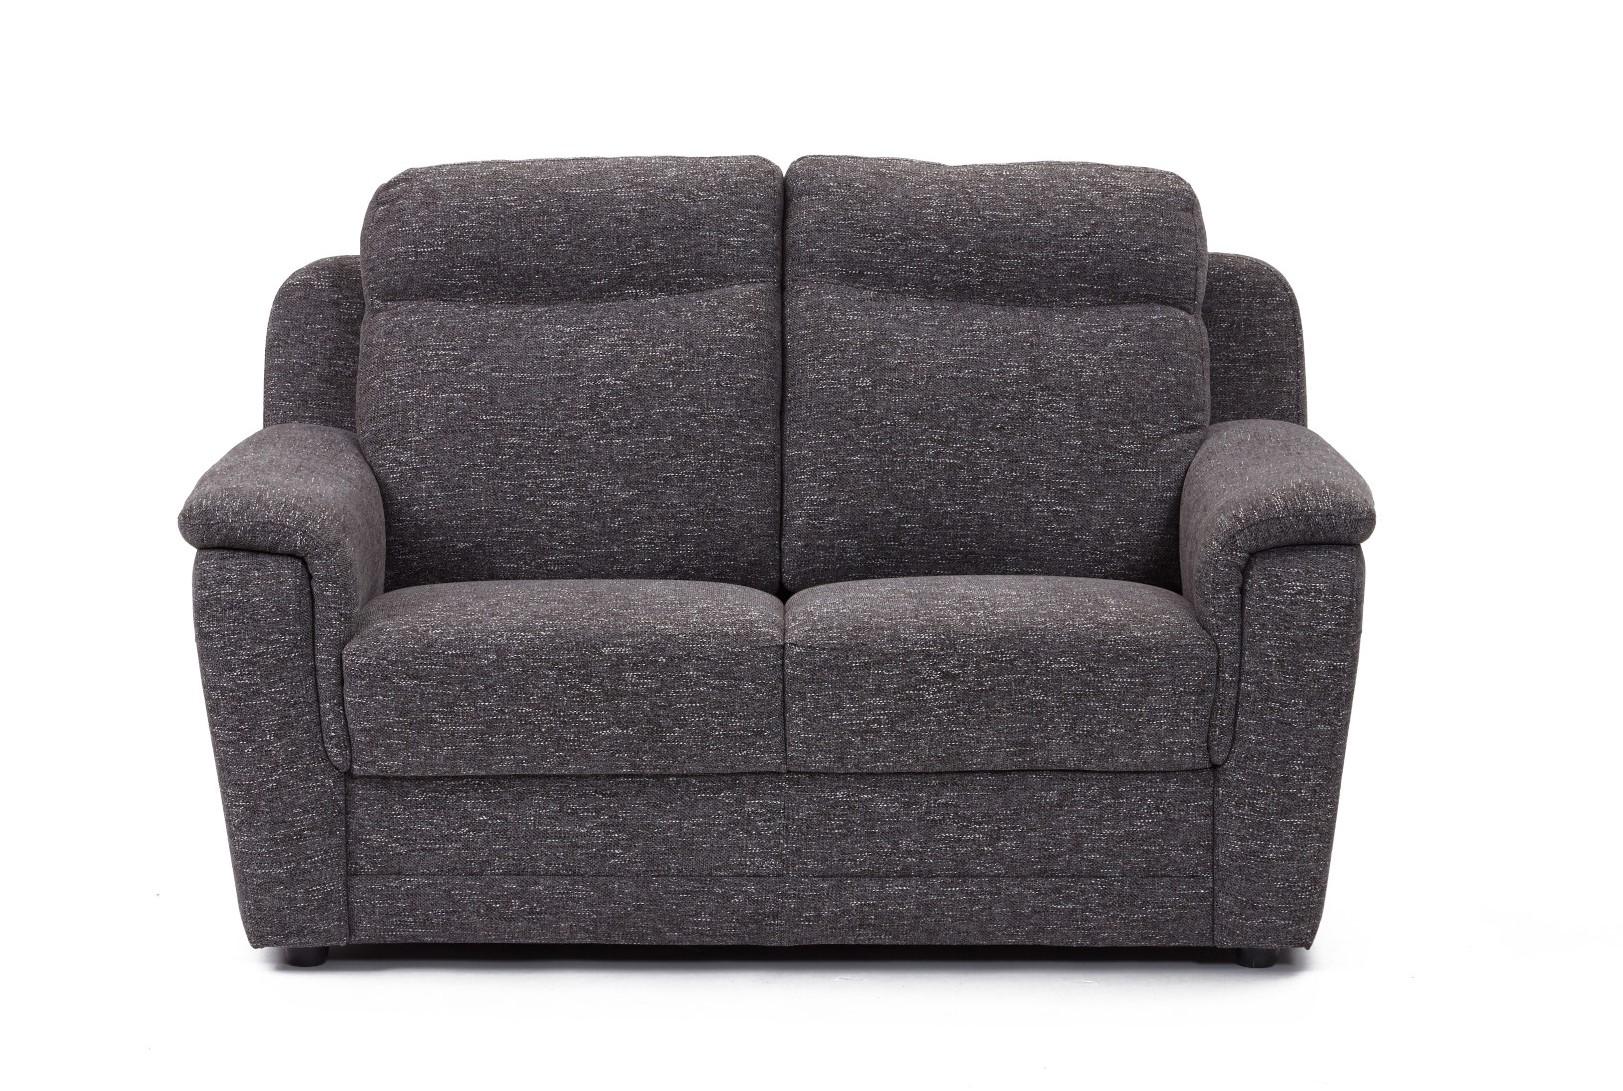 Dallas 2 Seater Sofa